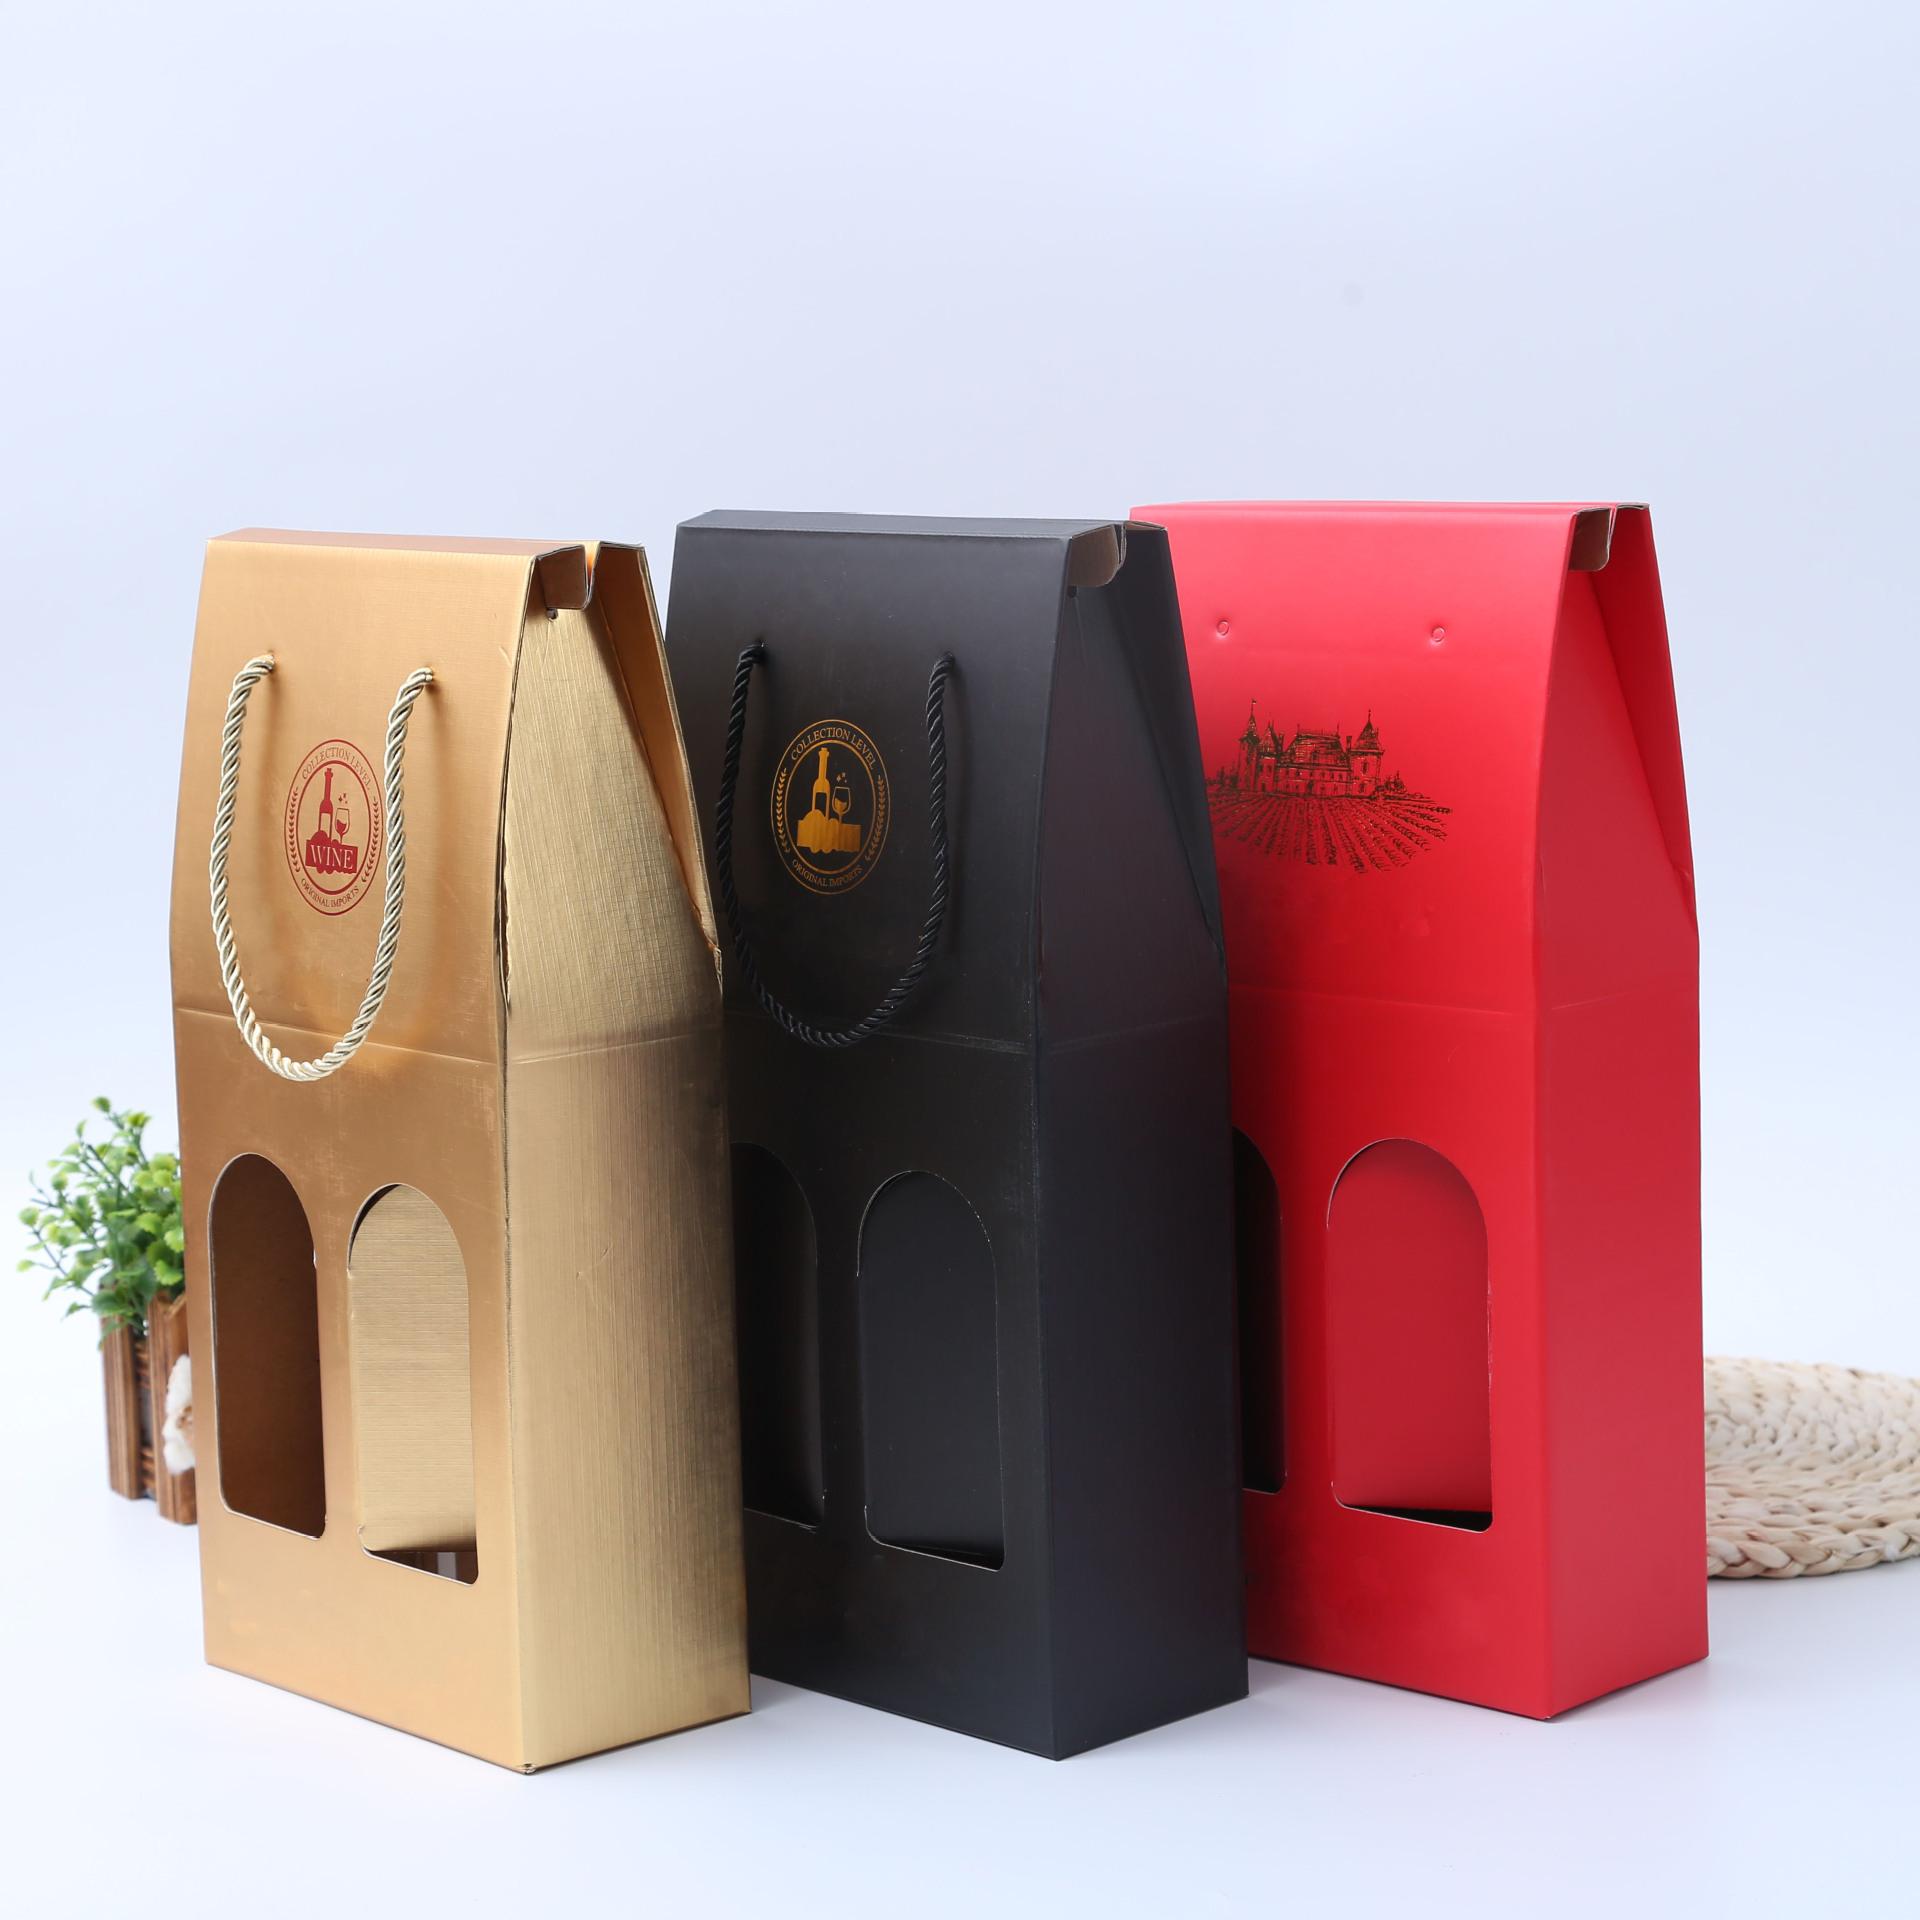 现货高档红酒盒厂家 单双支装葡萄酒包装盒 酒水礼品包装纸盒定做